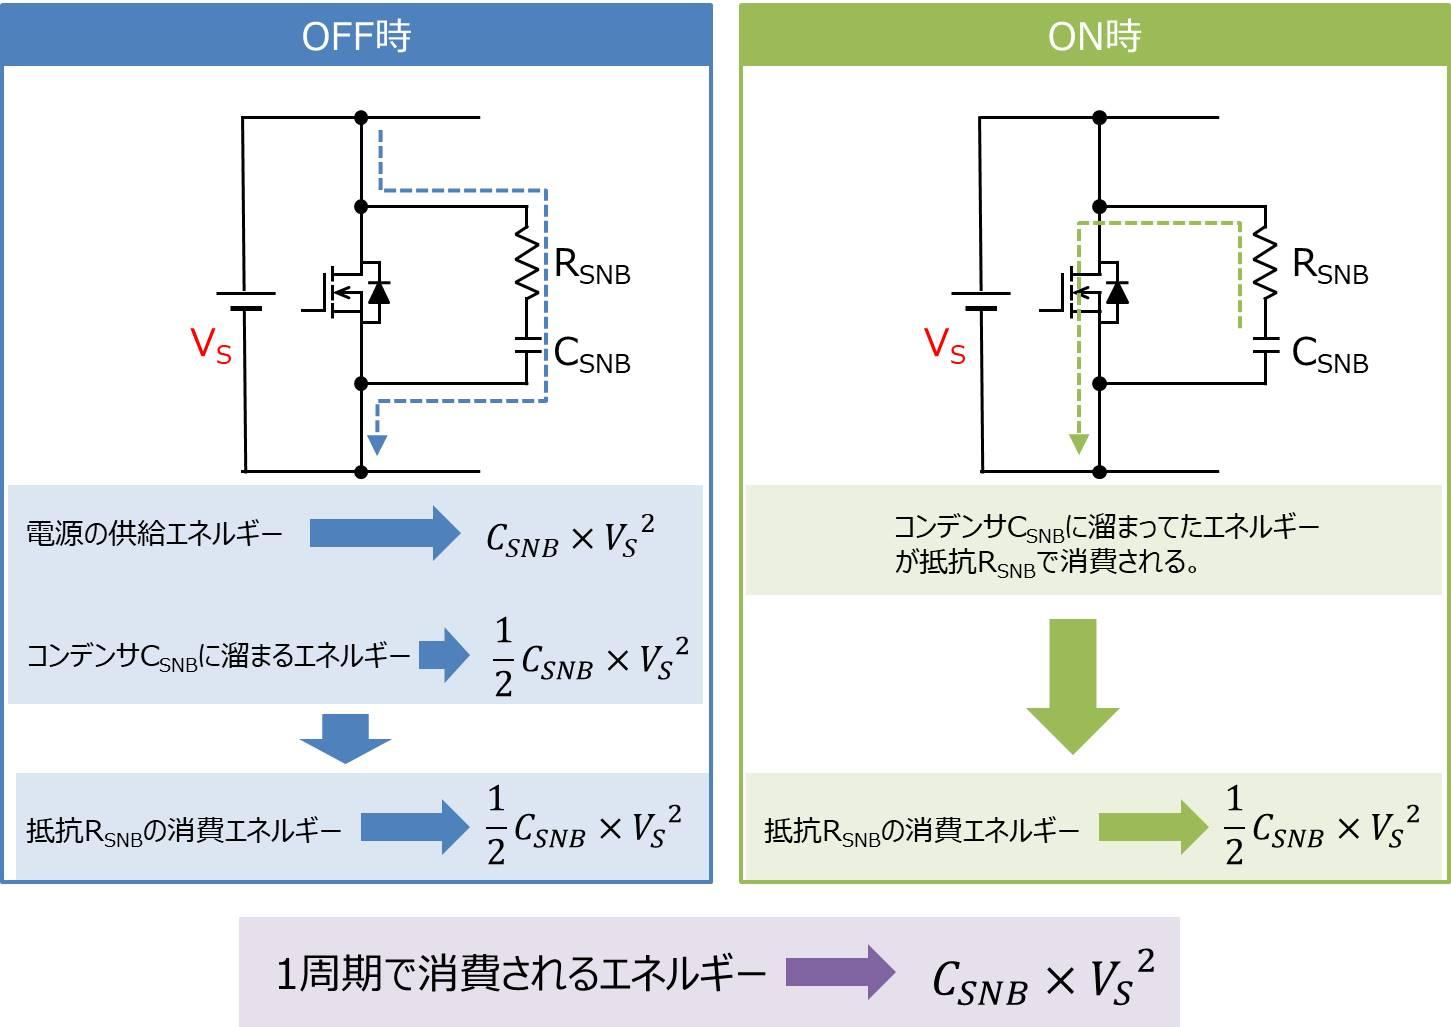 スナバ回路の消費電力の導出